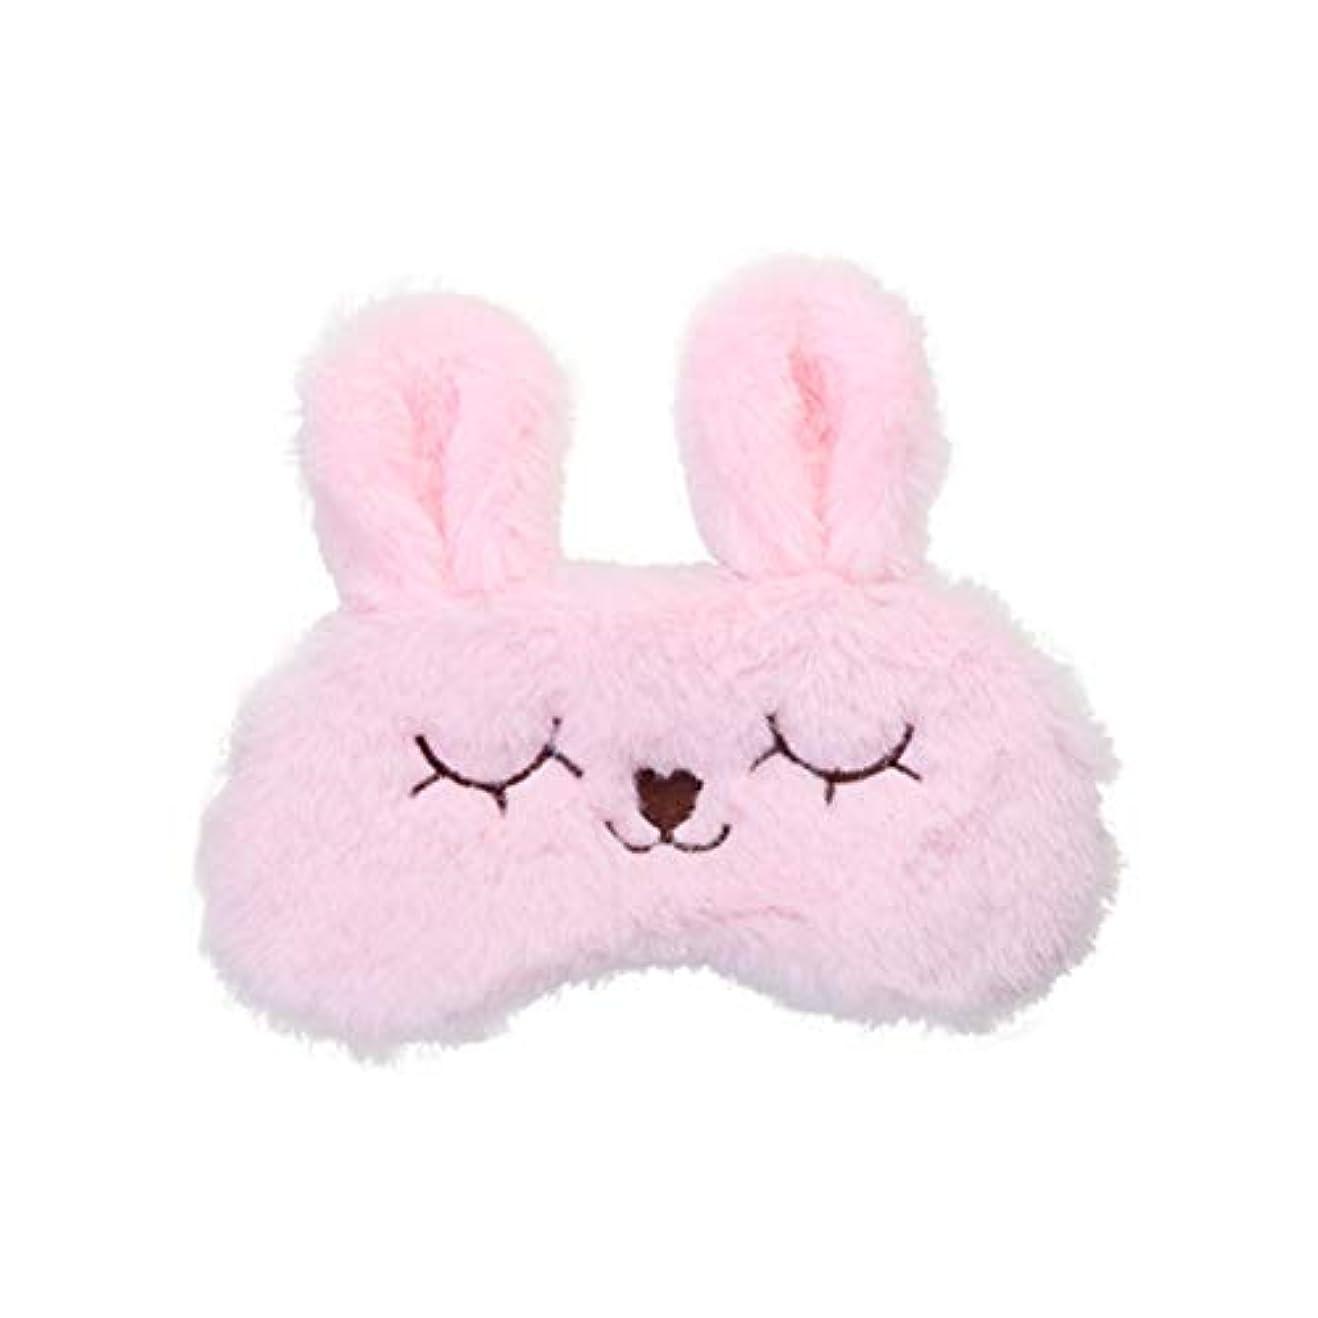 シュリンク実業家実業家HEALIFTY 睡眠マスクウサギぬいぐるみ目隠しコールドホットコンプレッションスリープアイマスクカバーかわいいアイシェイド(ピンク)